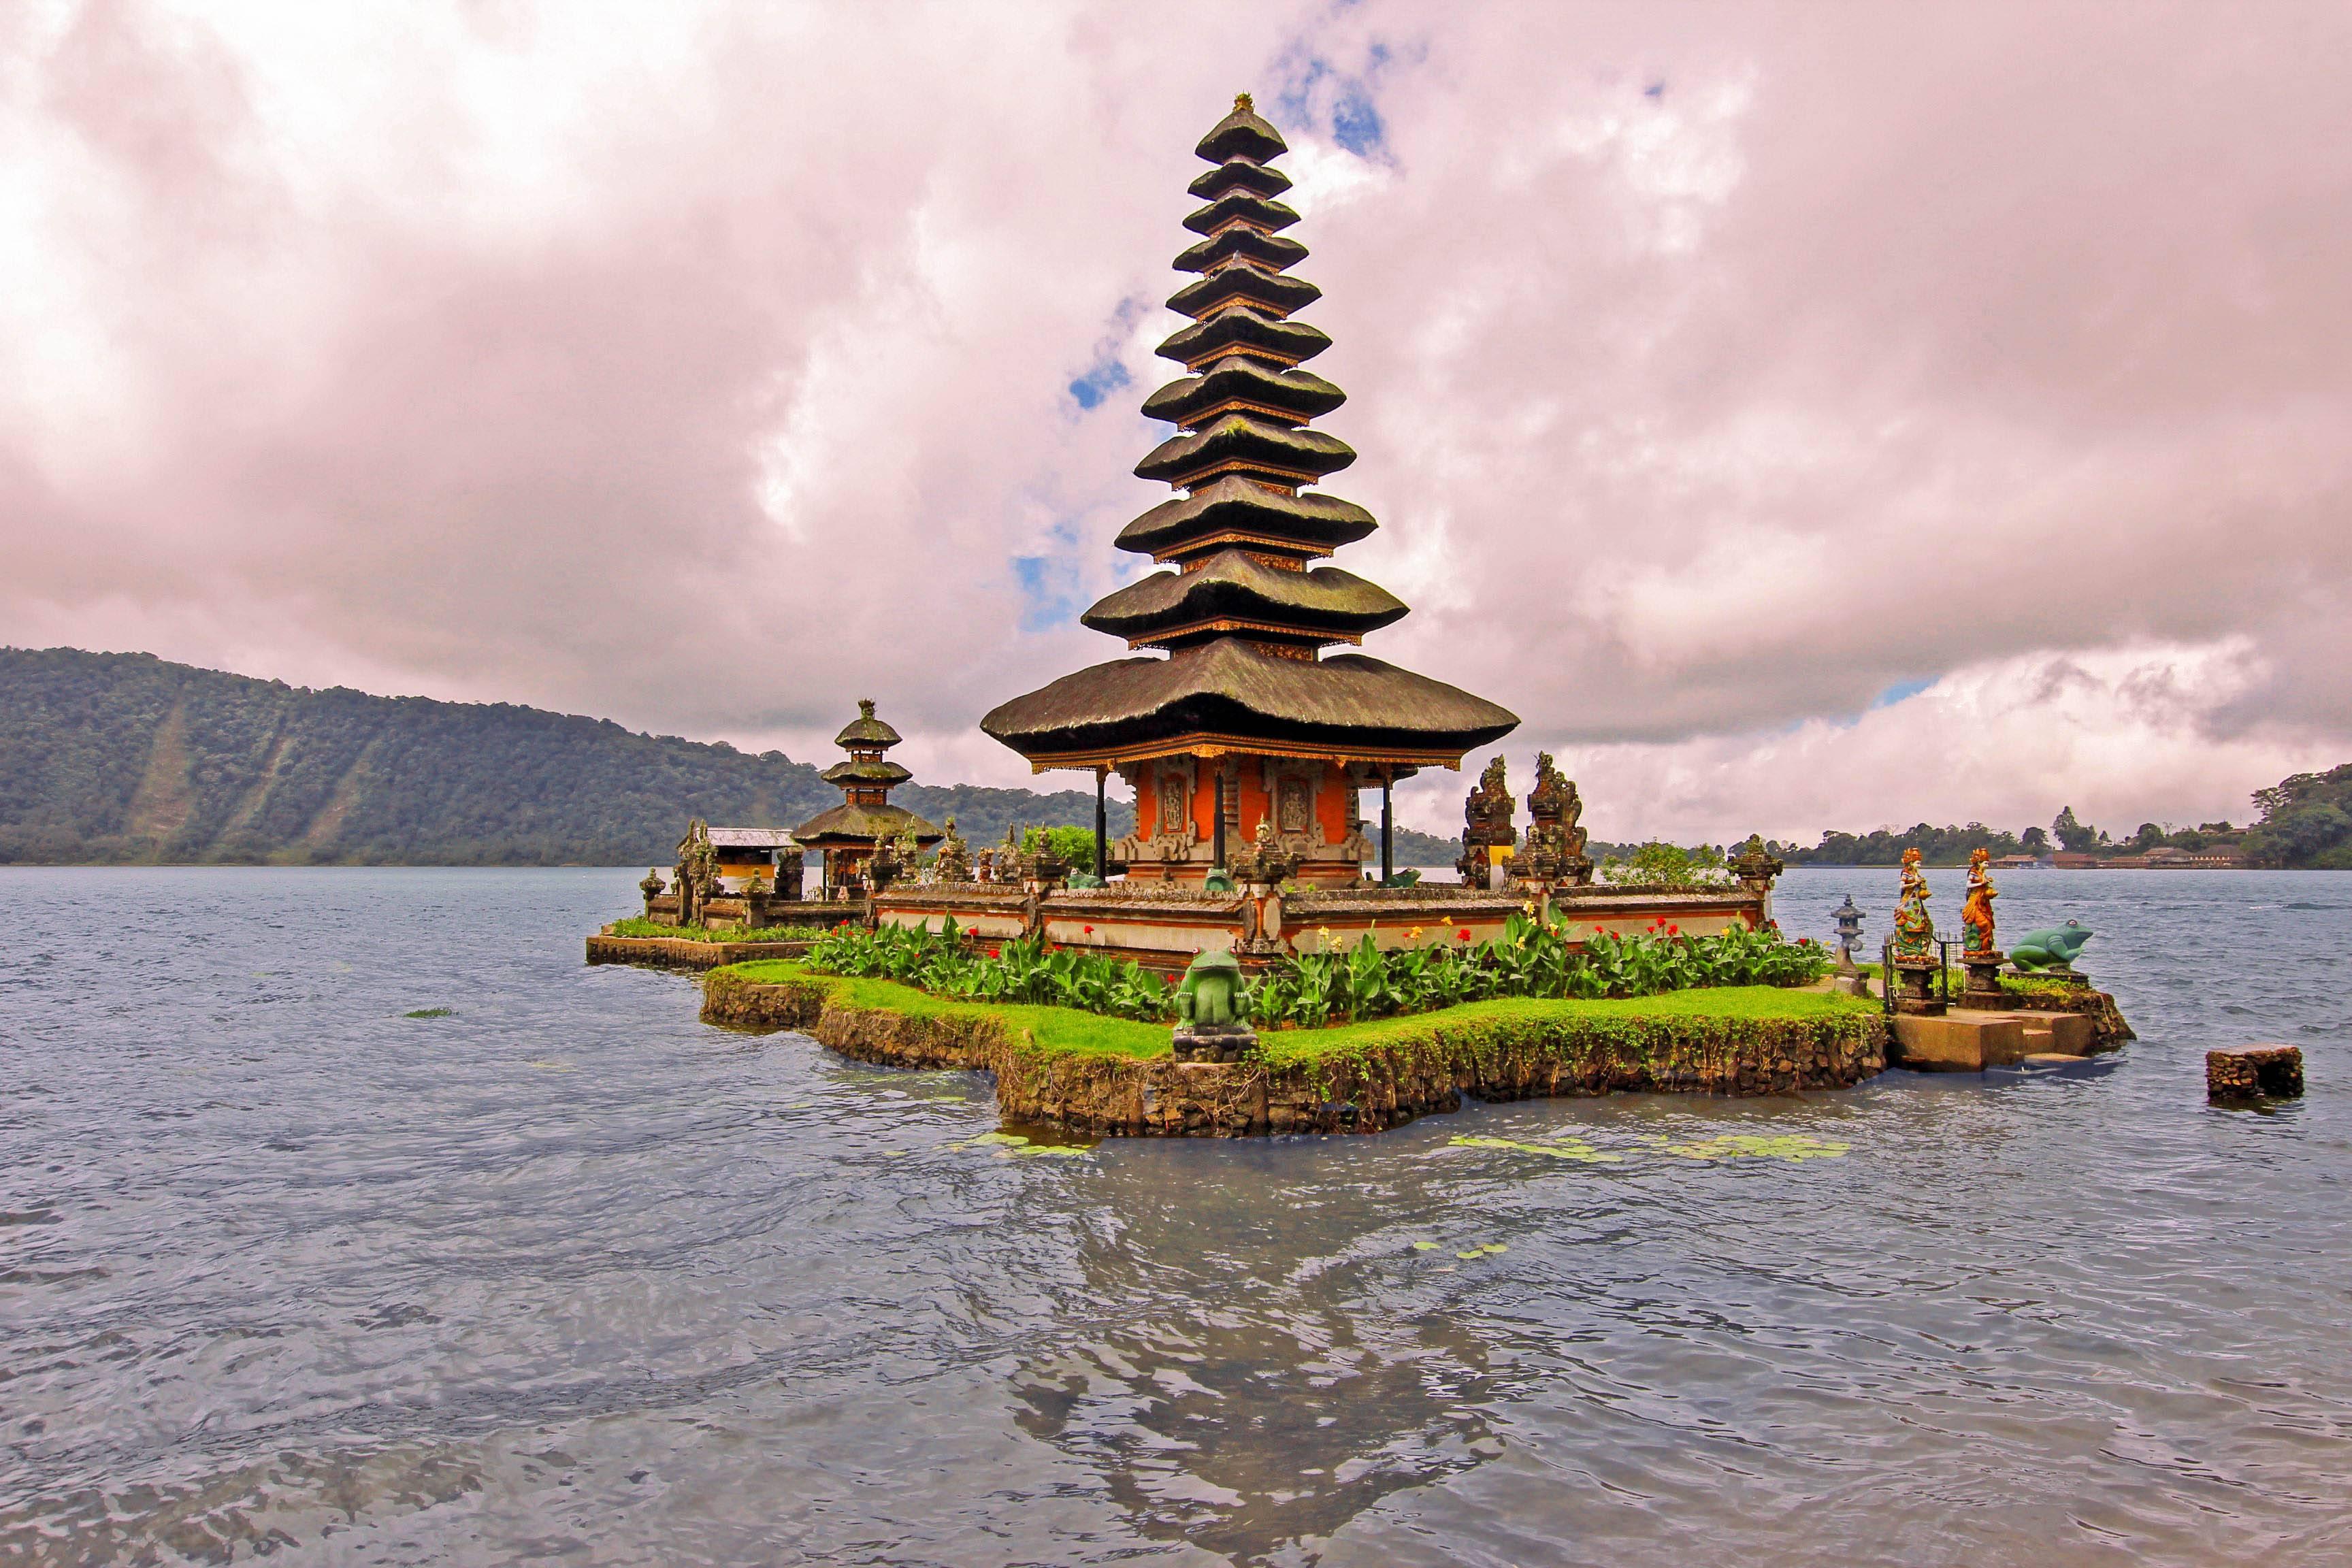 Photo 1: 10 jours au coeur de Bali